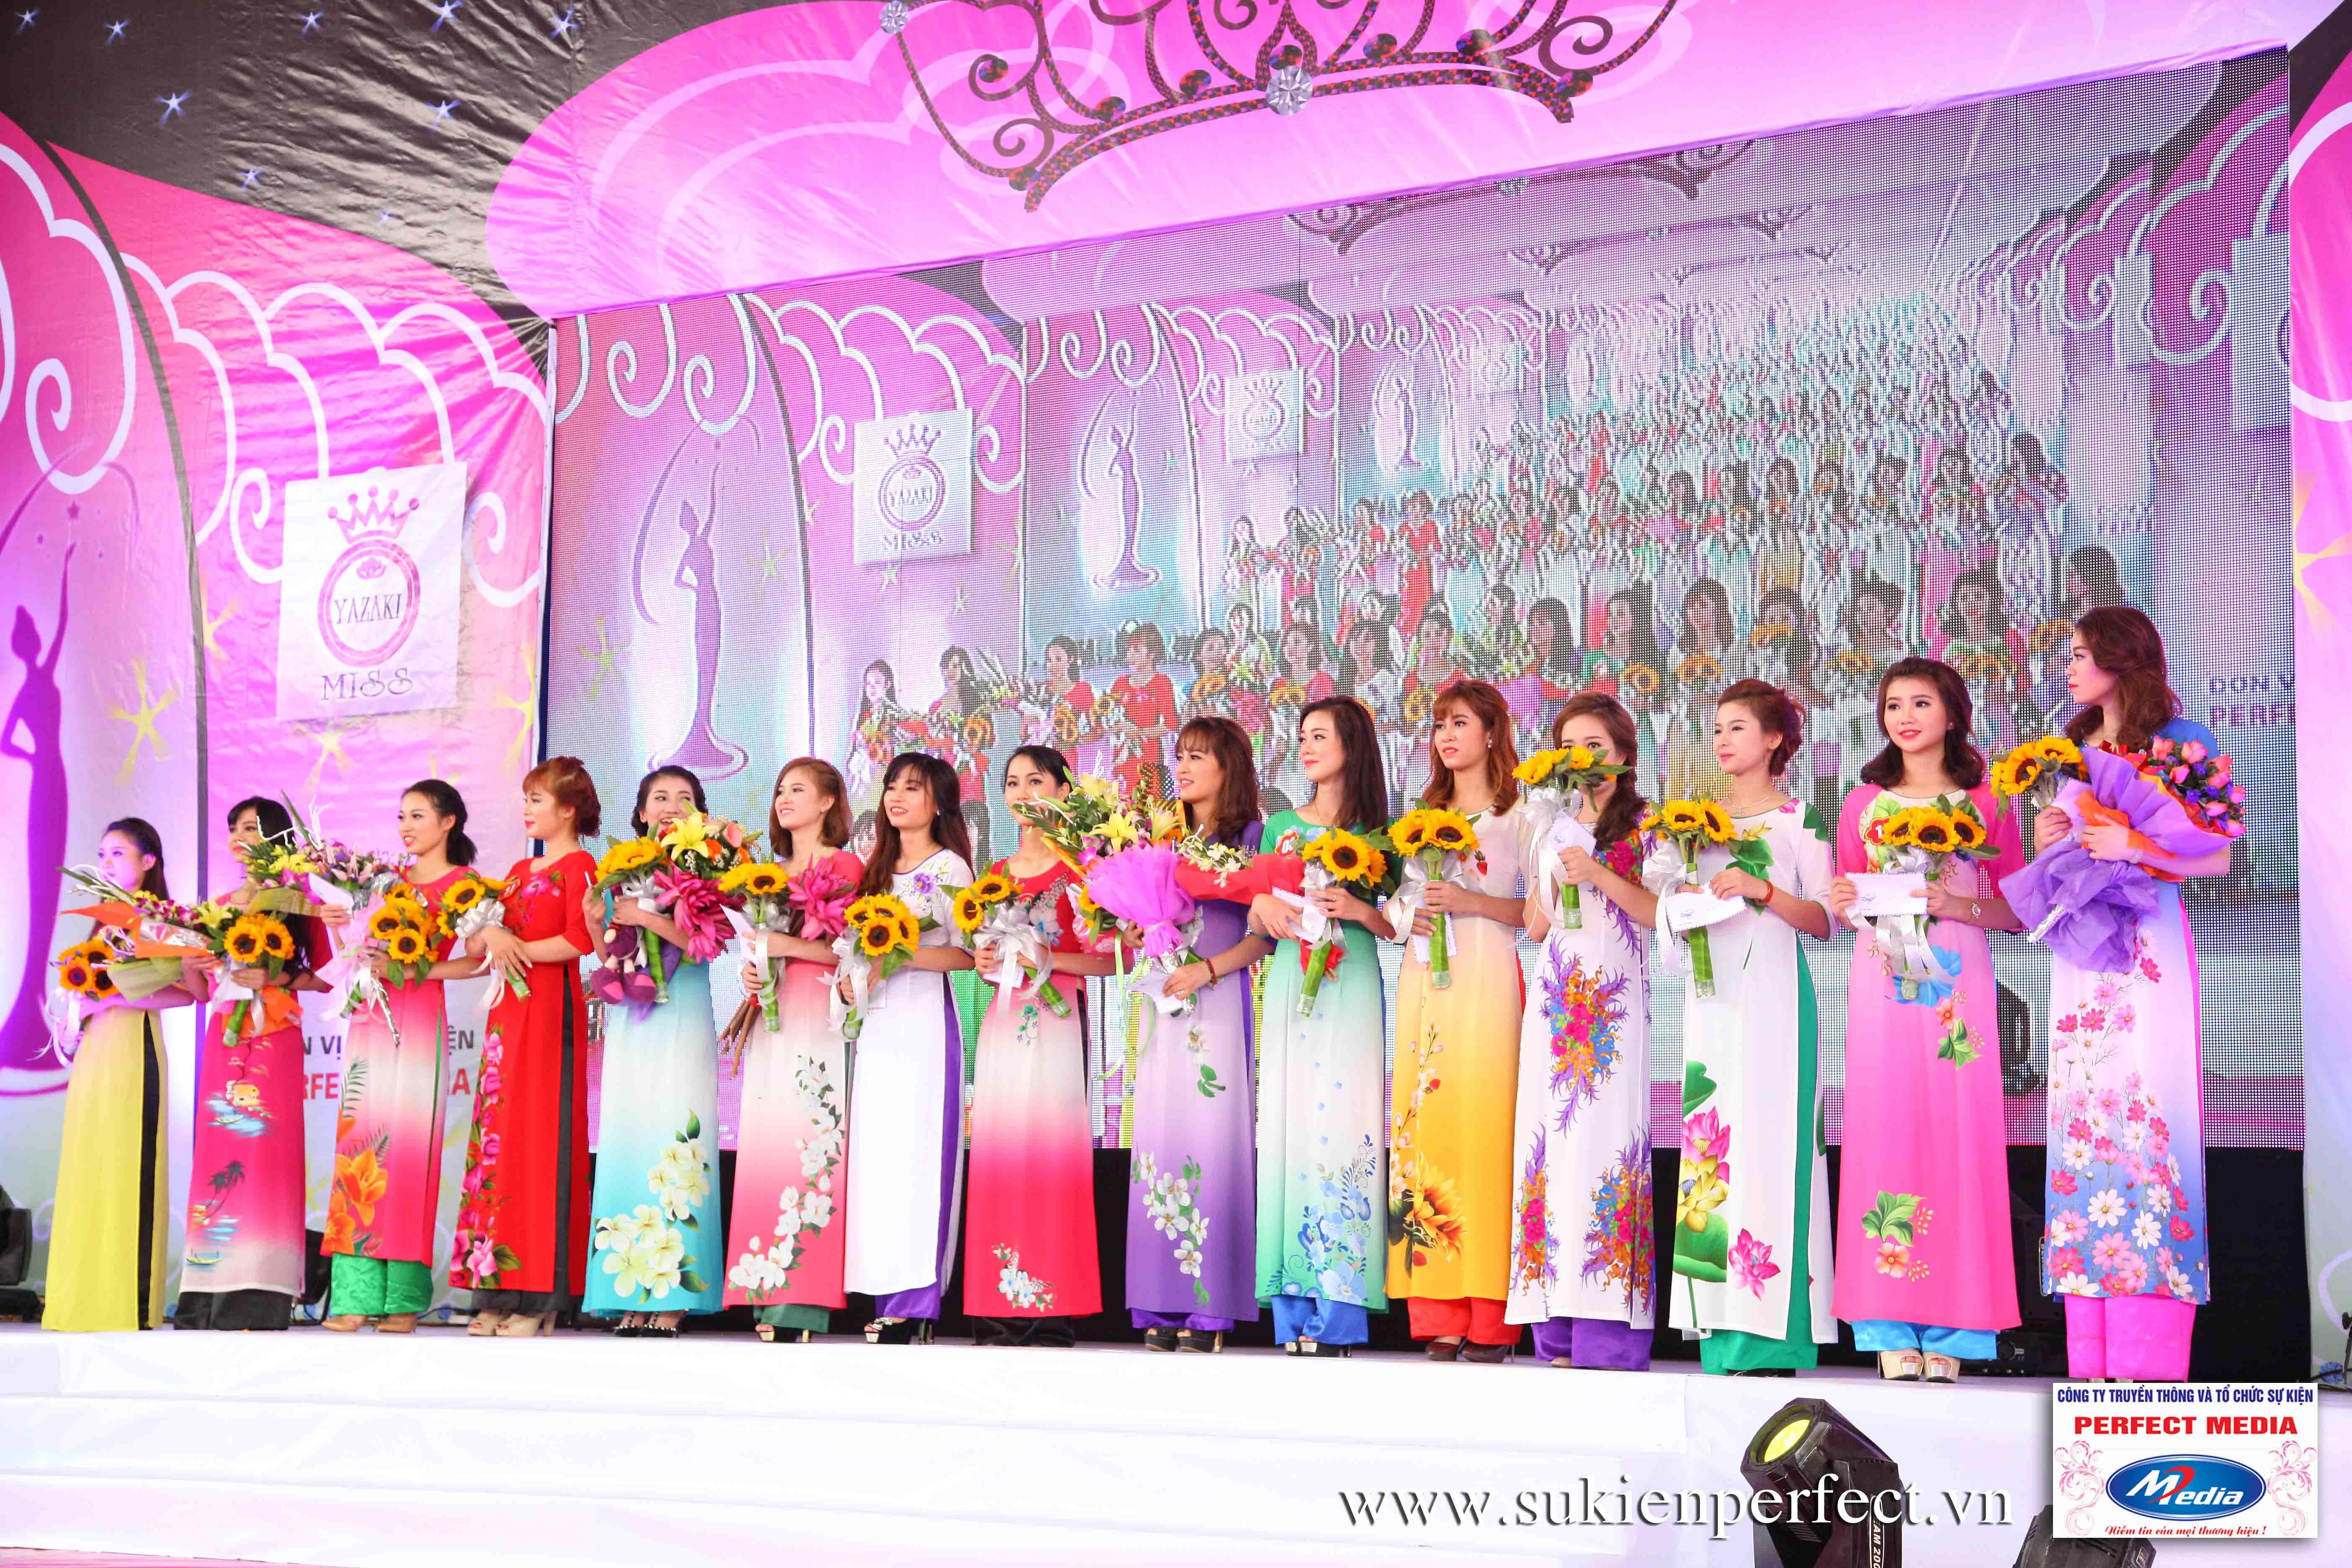 Hình ảnh các người đẹp trong sự kiện Người đẹp Yazaki Quảng Ninh 2016 (Màn đăng quang) - 09